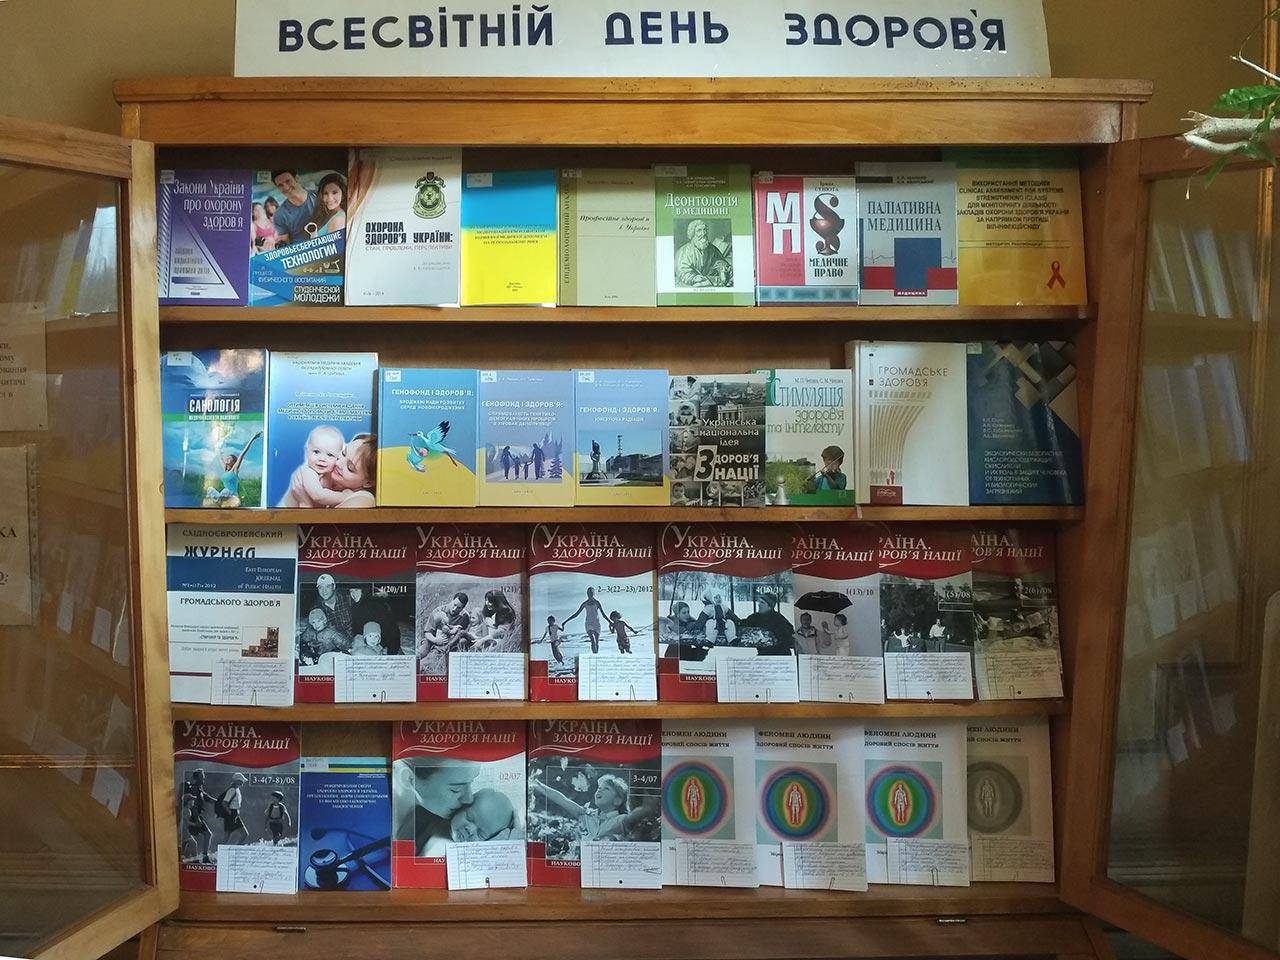 Книжкова виставка до Всесвітнього дня здоров'я у загальному читальному залі Наукової бібліотеки